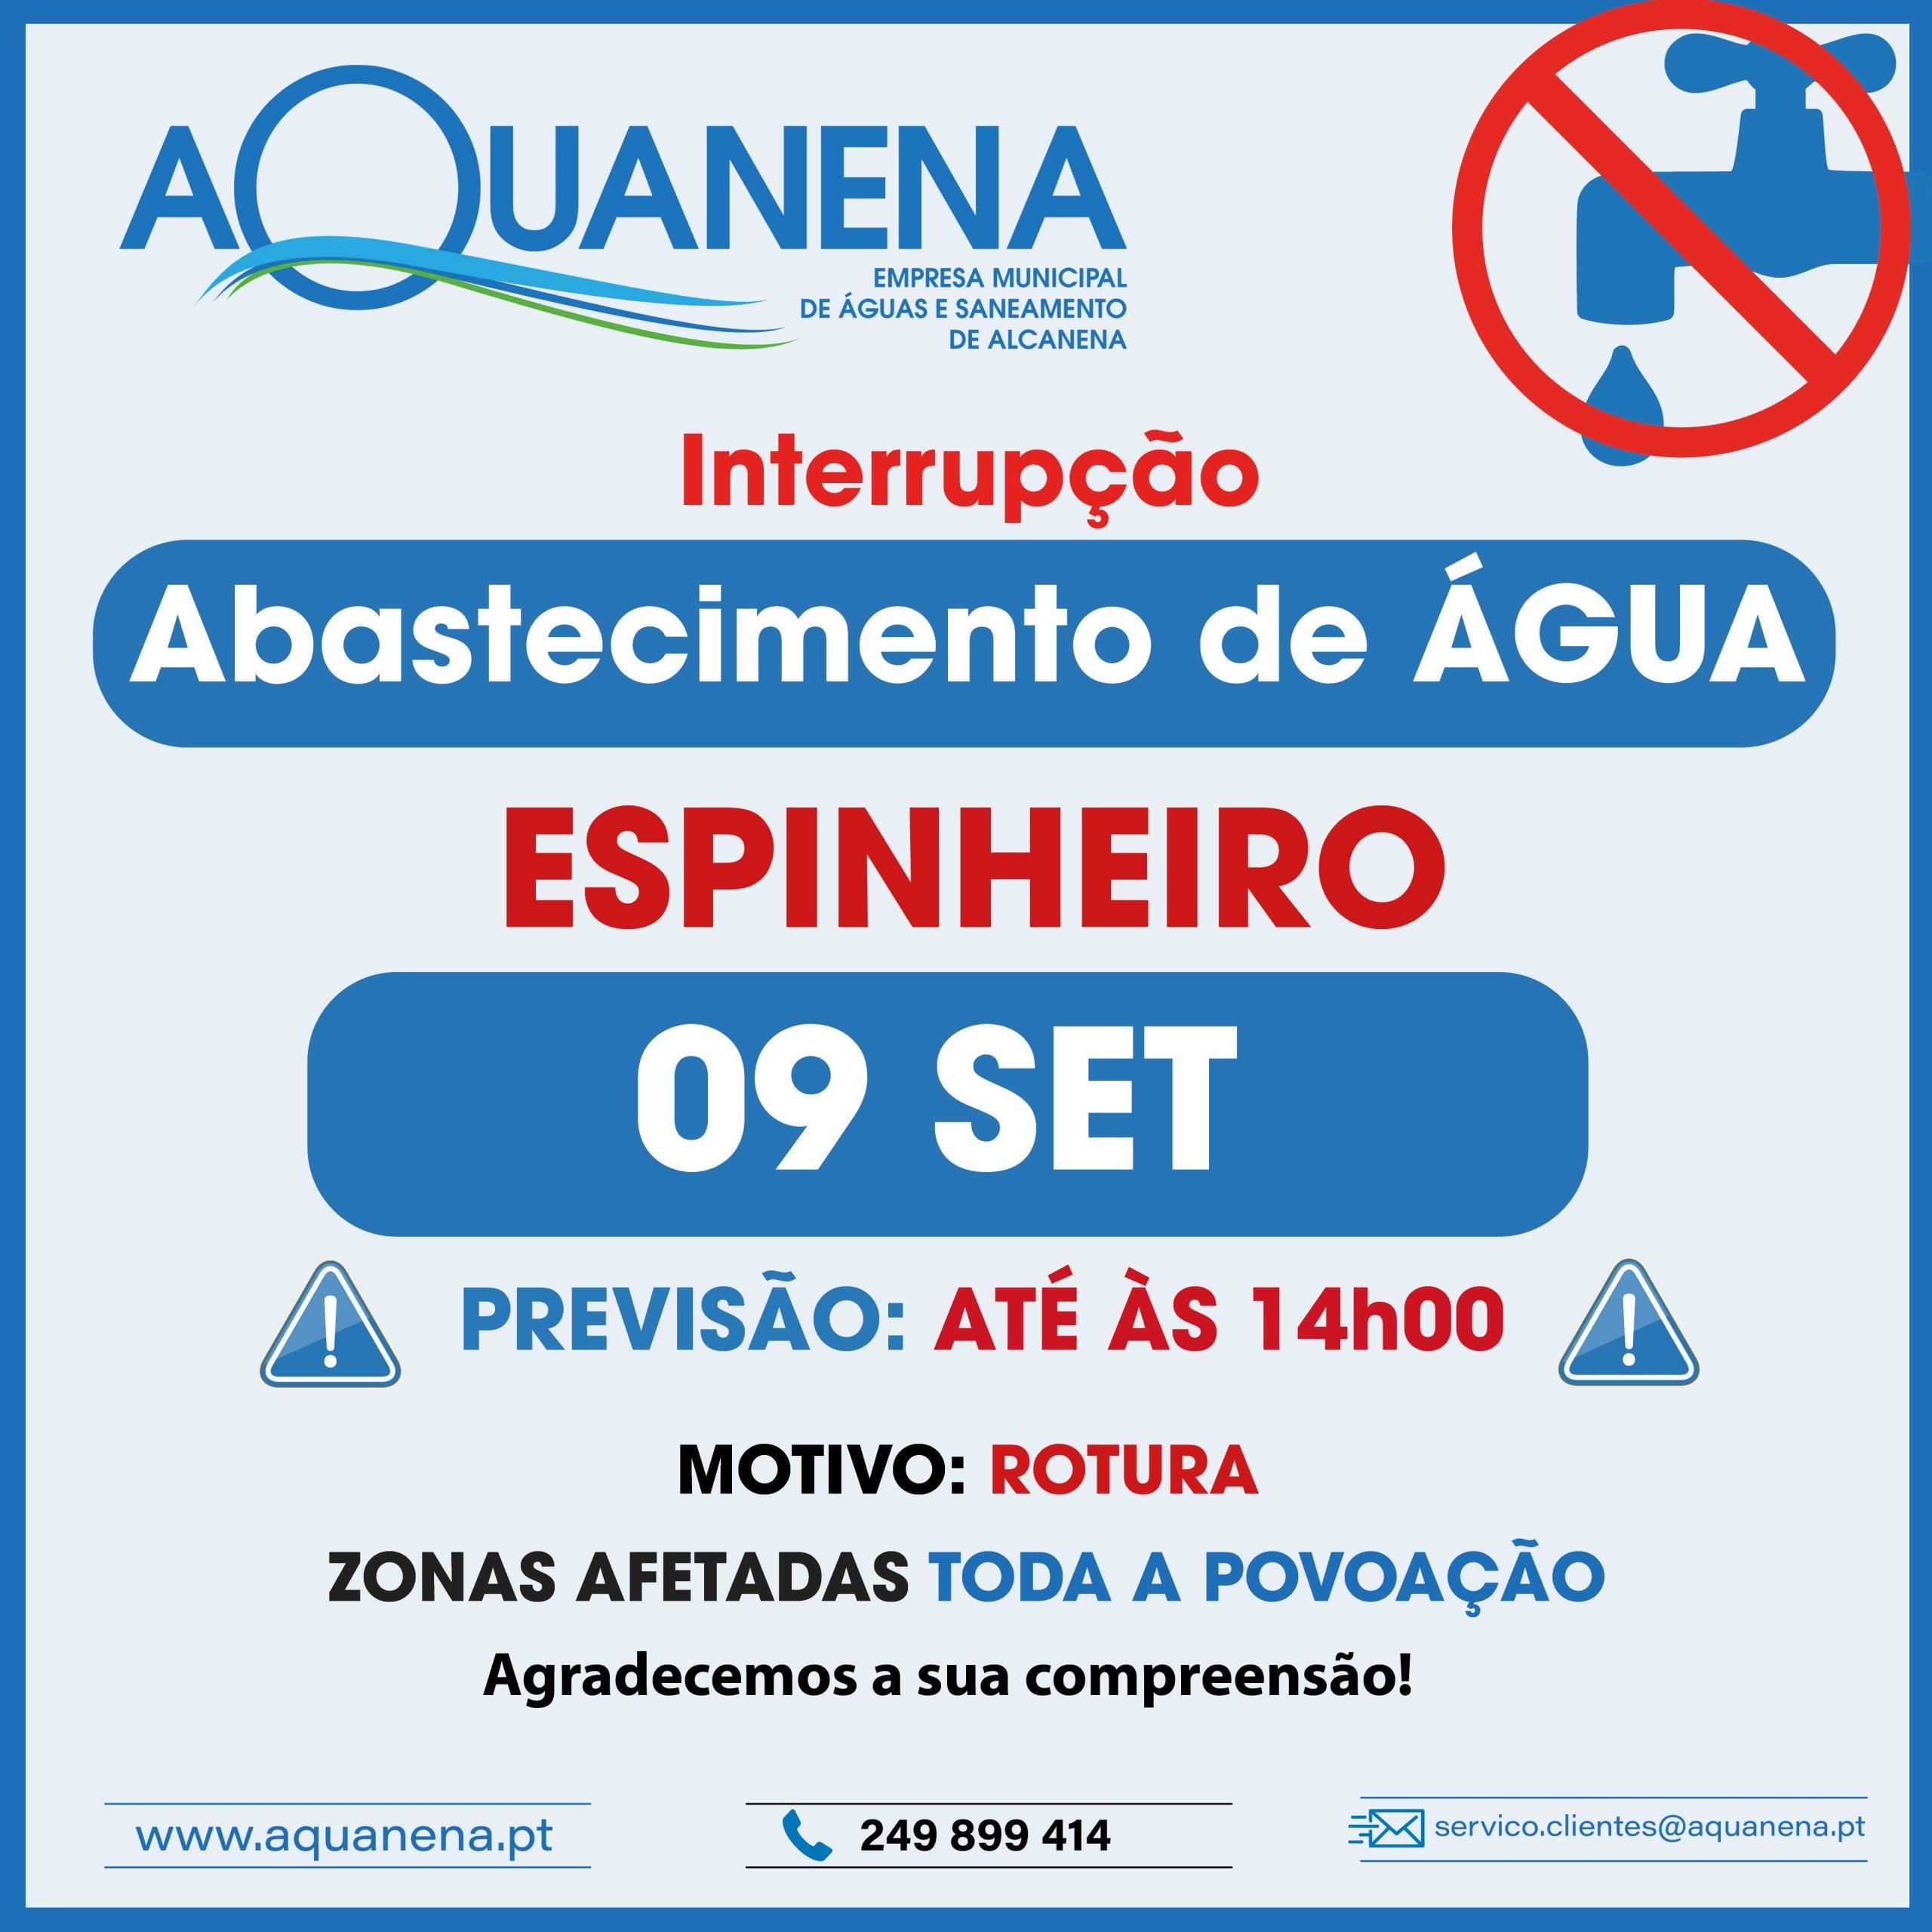 INTERRUPÇÃO DO ABASTECIMENTO de água em ESPINHEIRO